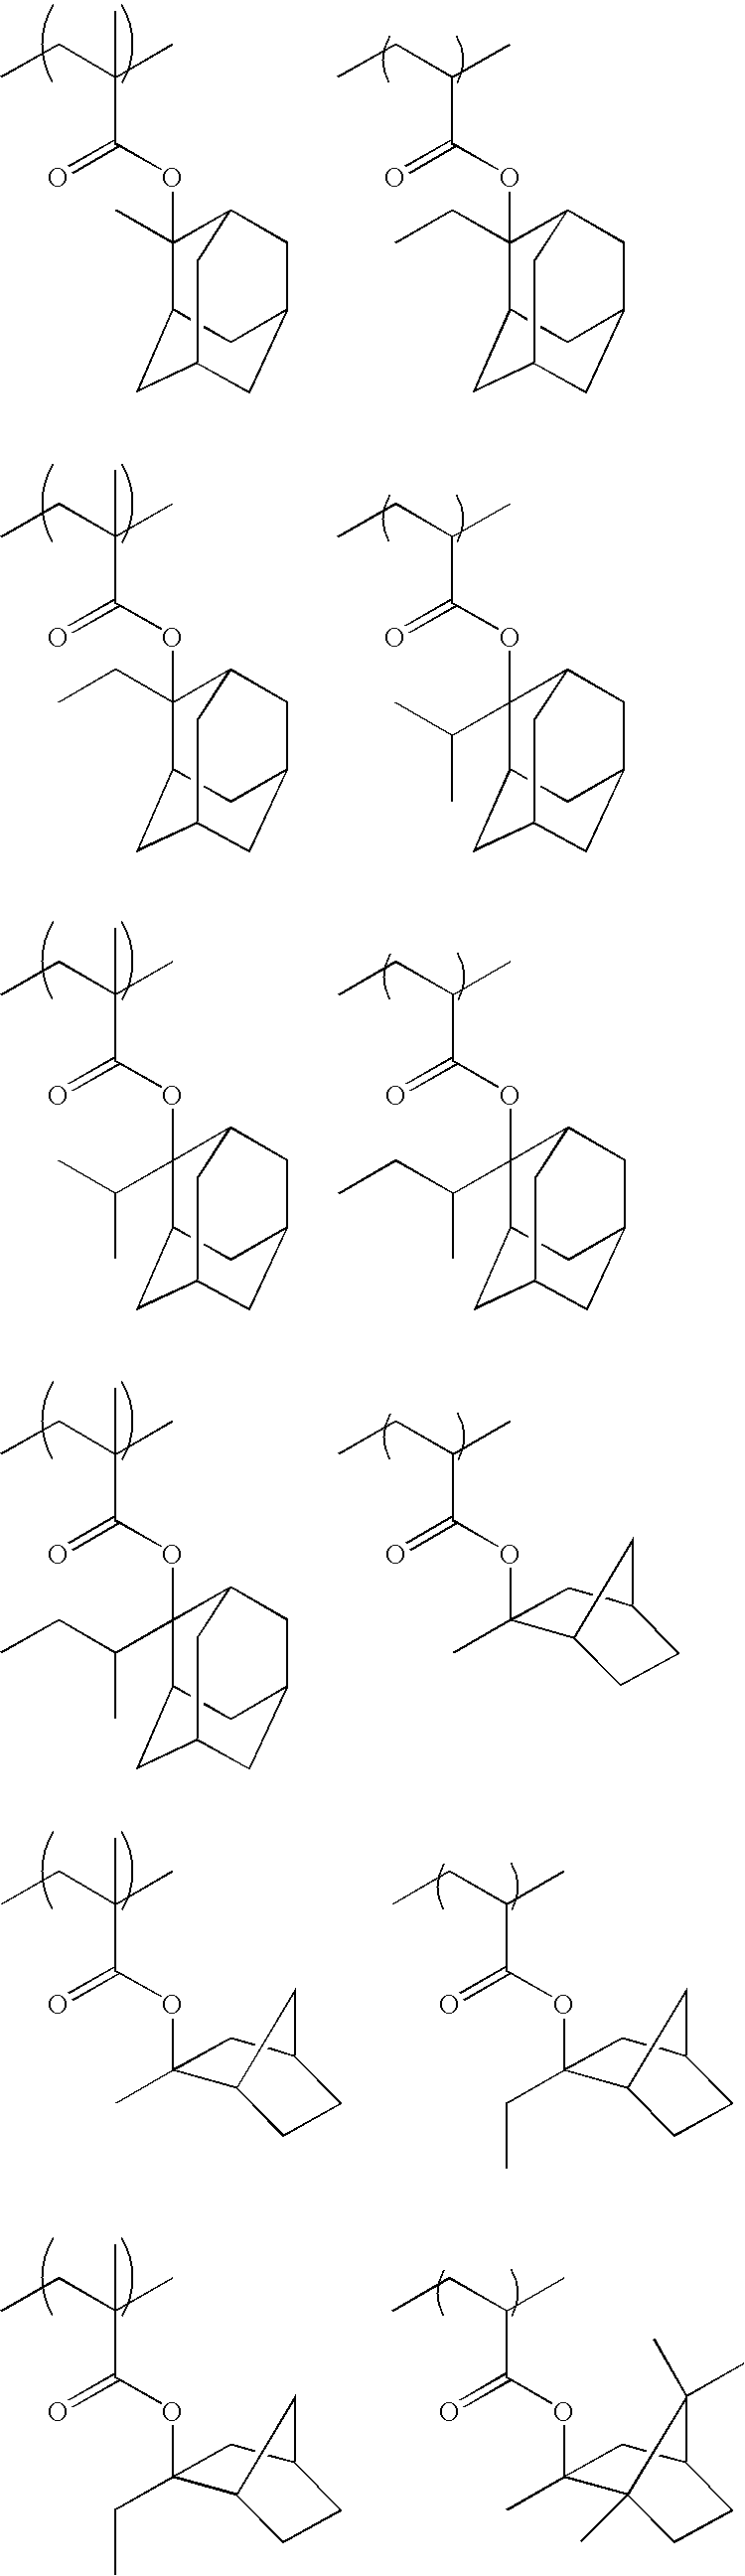 Figure US20090280434A1-20091112-C00045